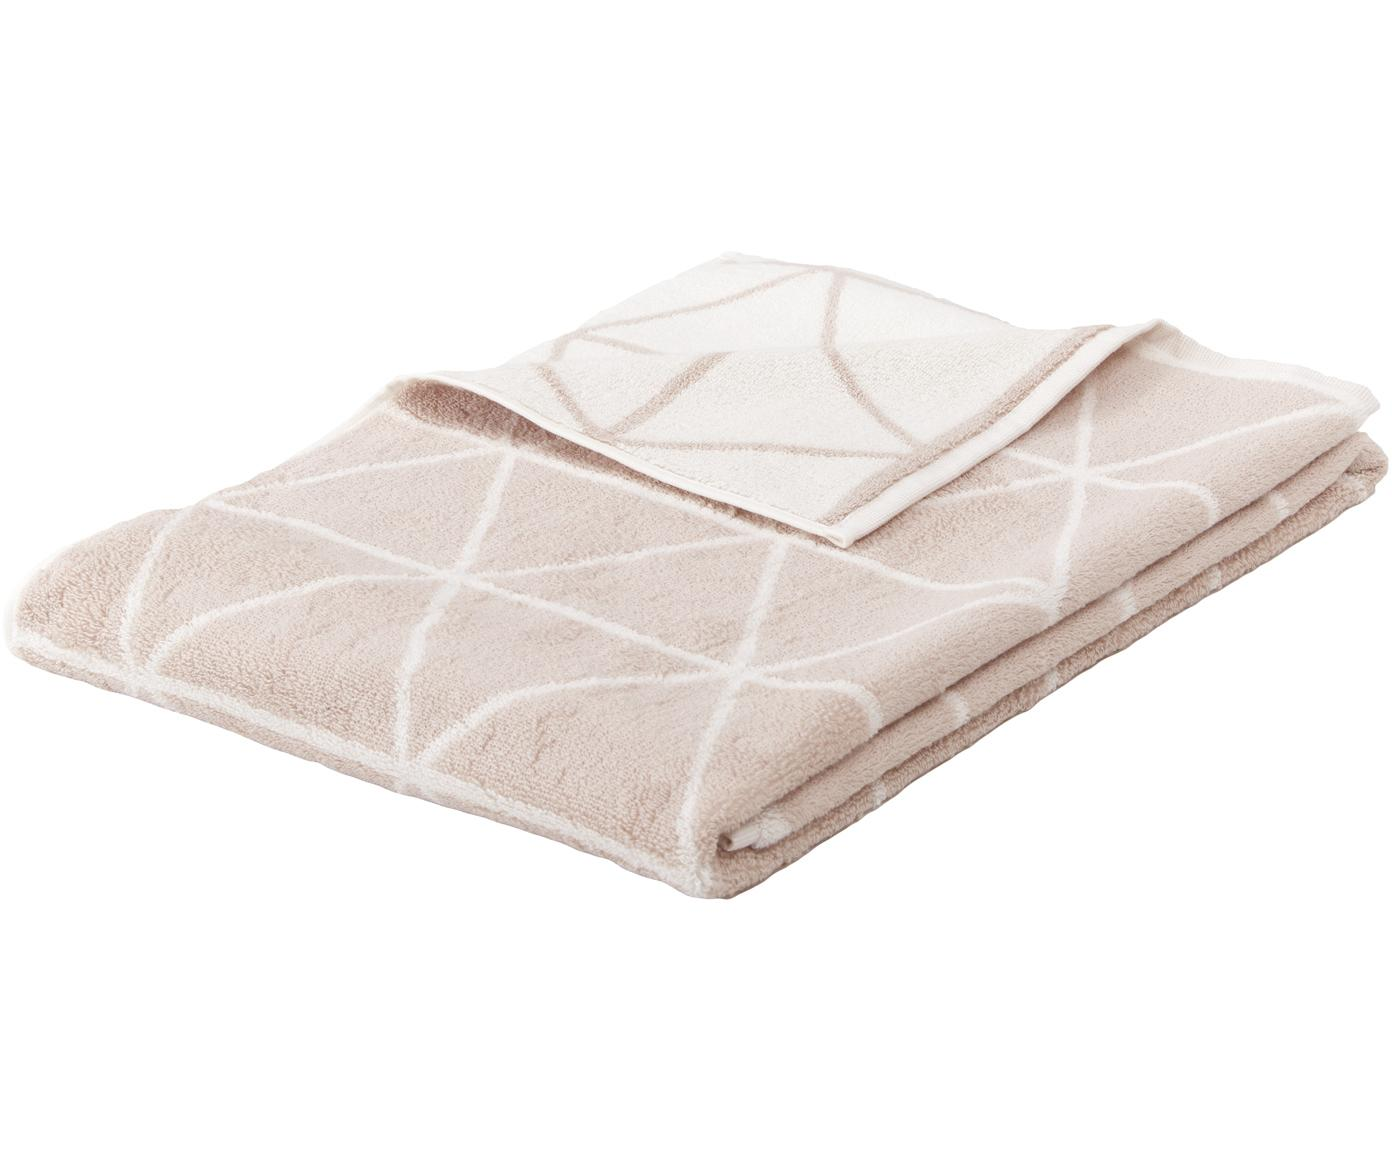 Dwustronny ręcznik Elina, Odcienie piaskowego, kremowobiały, Ręcznik do rąk